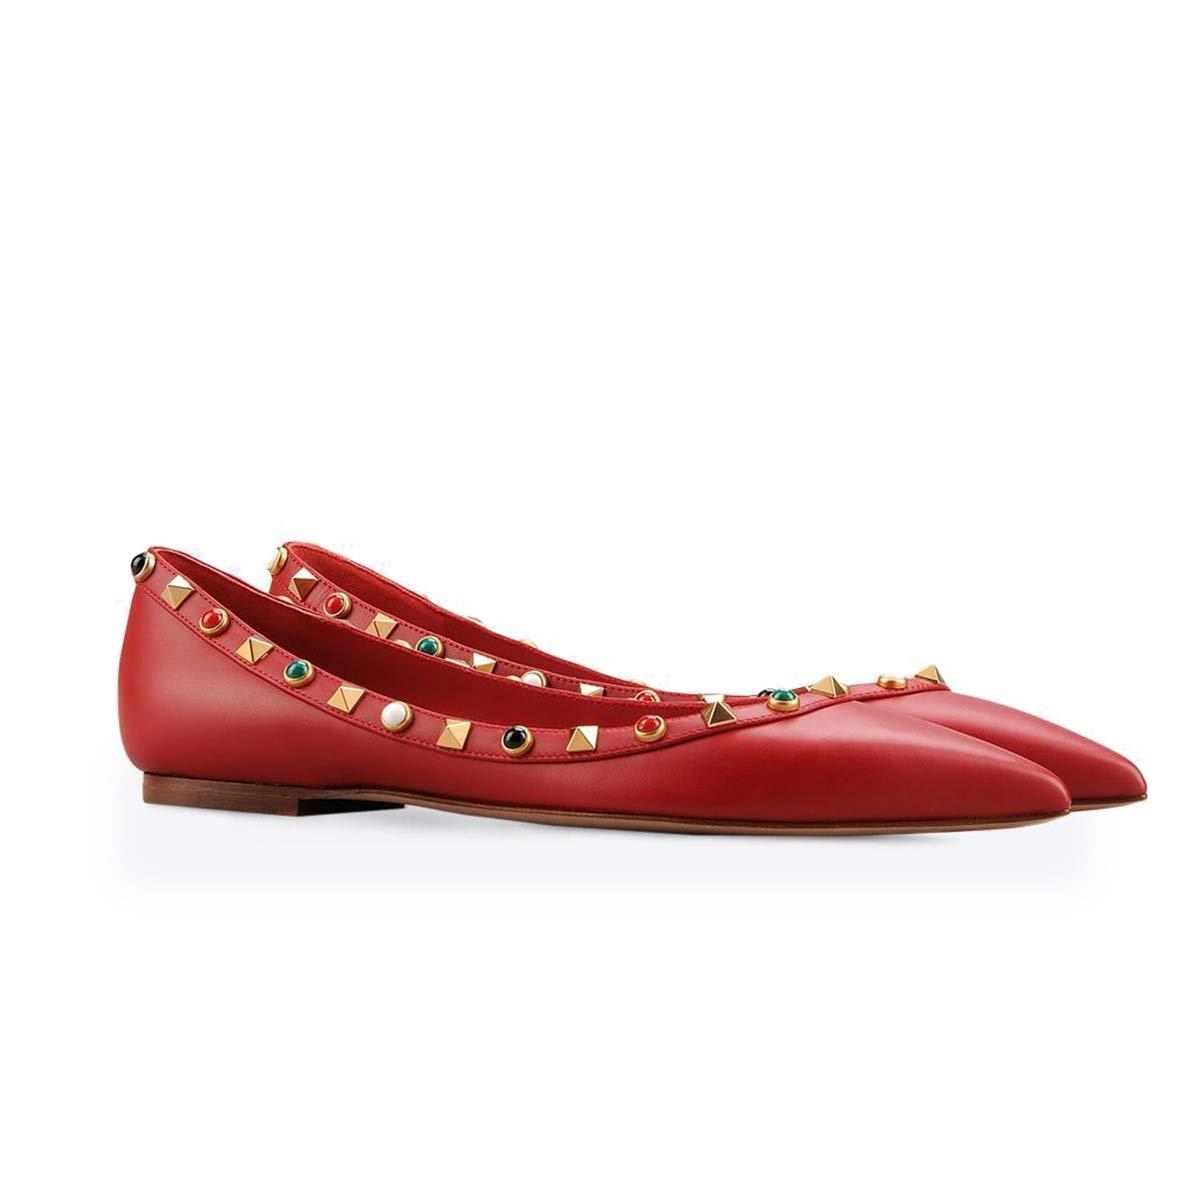 GONGFF Flache Spitze Niet Schuhe Frauen Ballett Schuhe Pumpe Sandalen,#4,46  46|#4